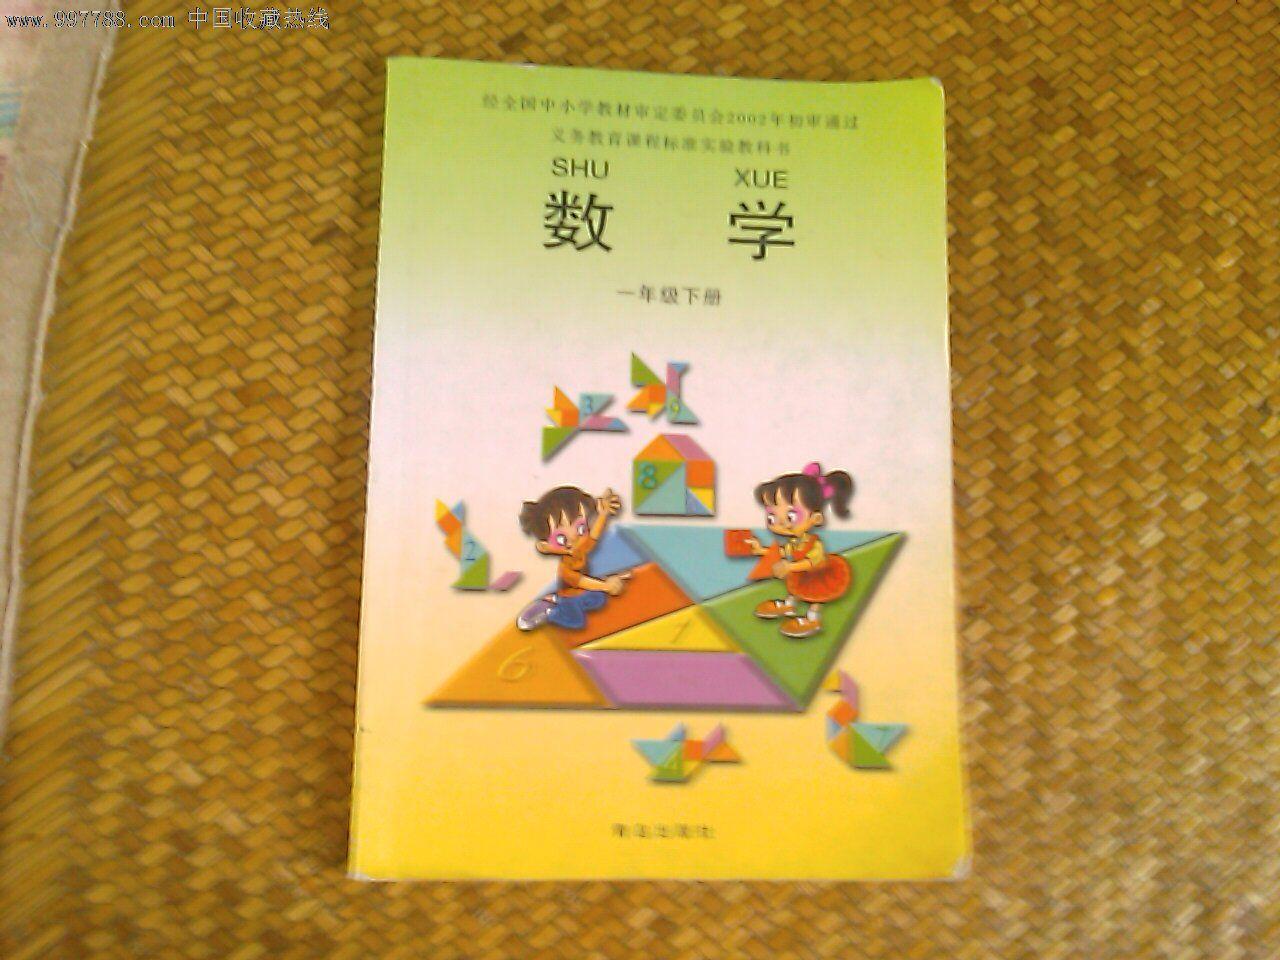 数学教材_小学数学课本-课本/教材--se12848012-零售-7788收藏